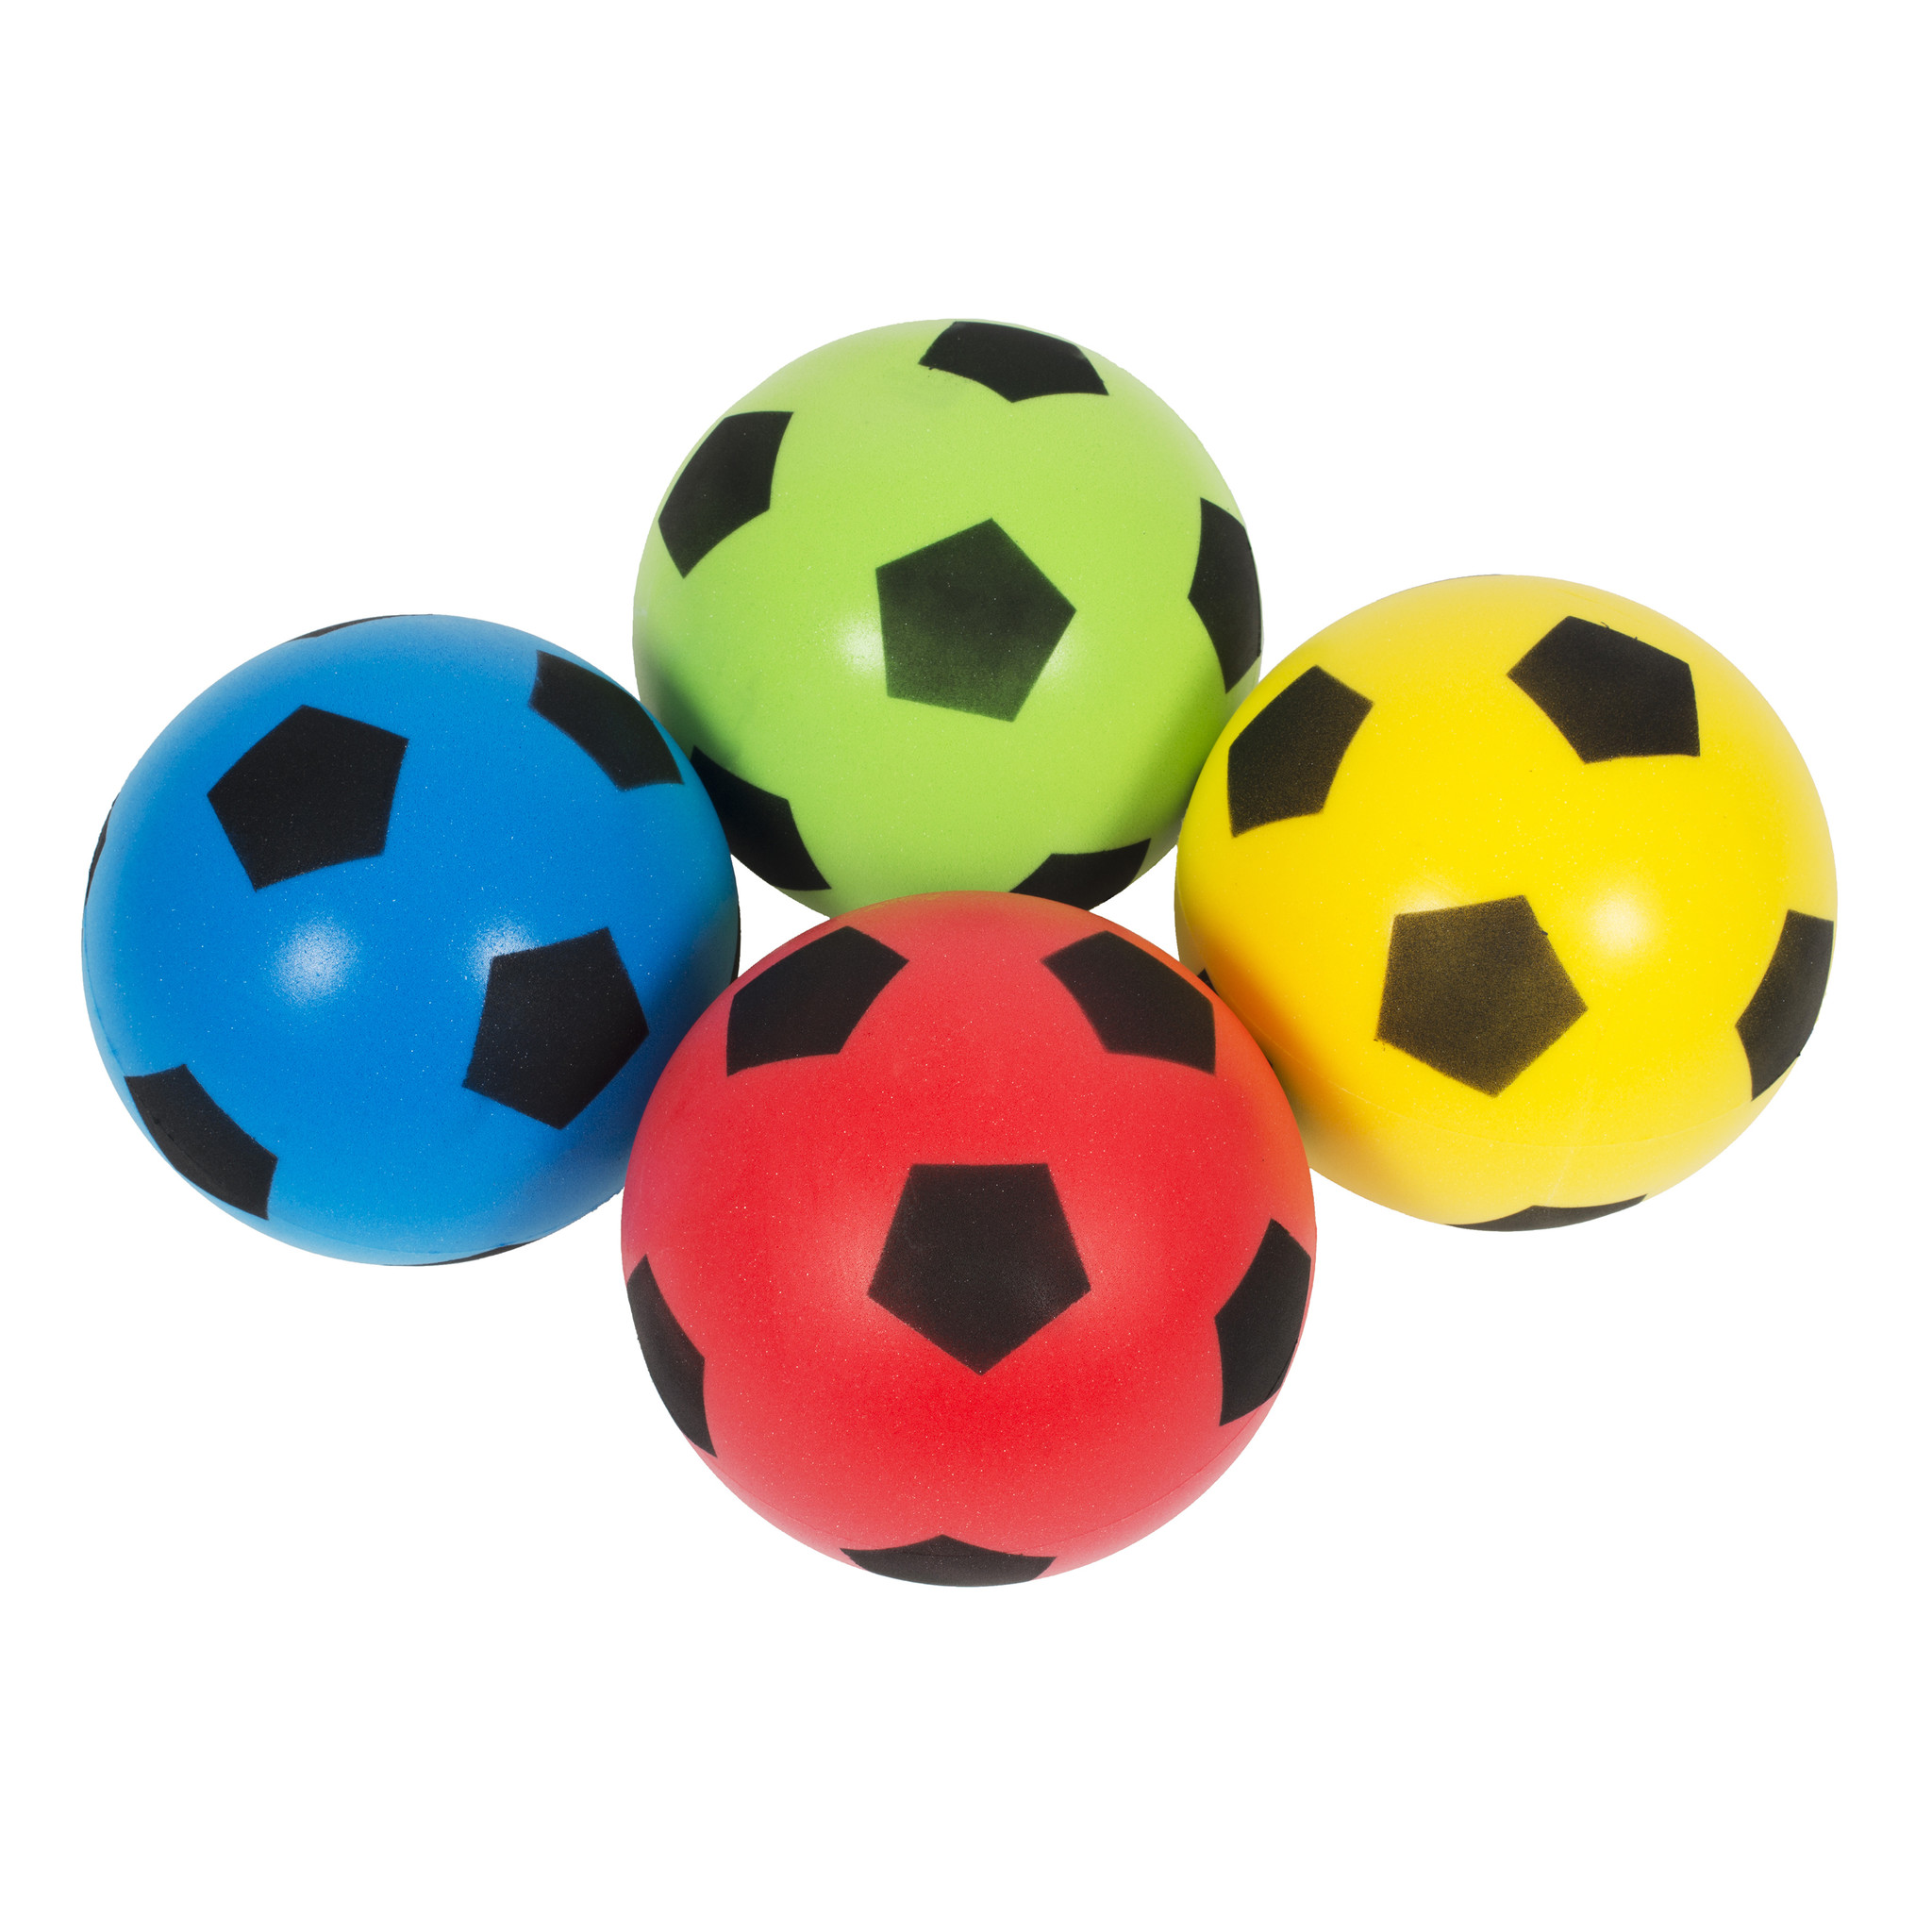 Foam Voetballen - Set van 4-1